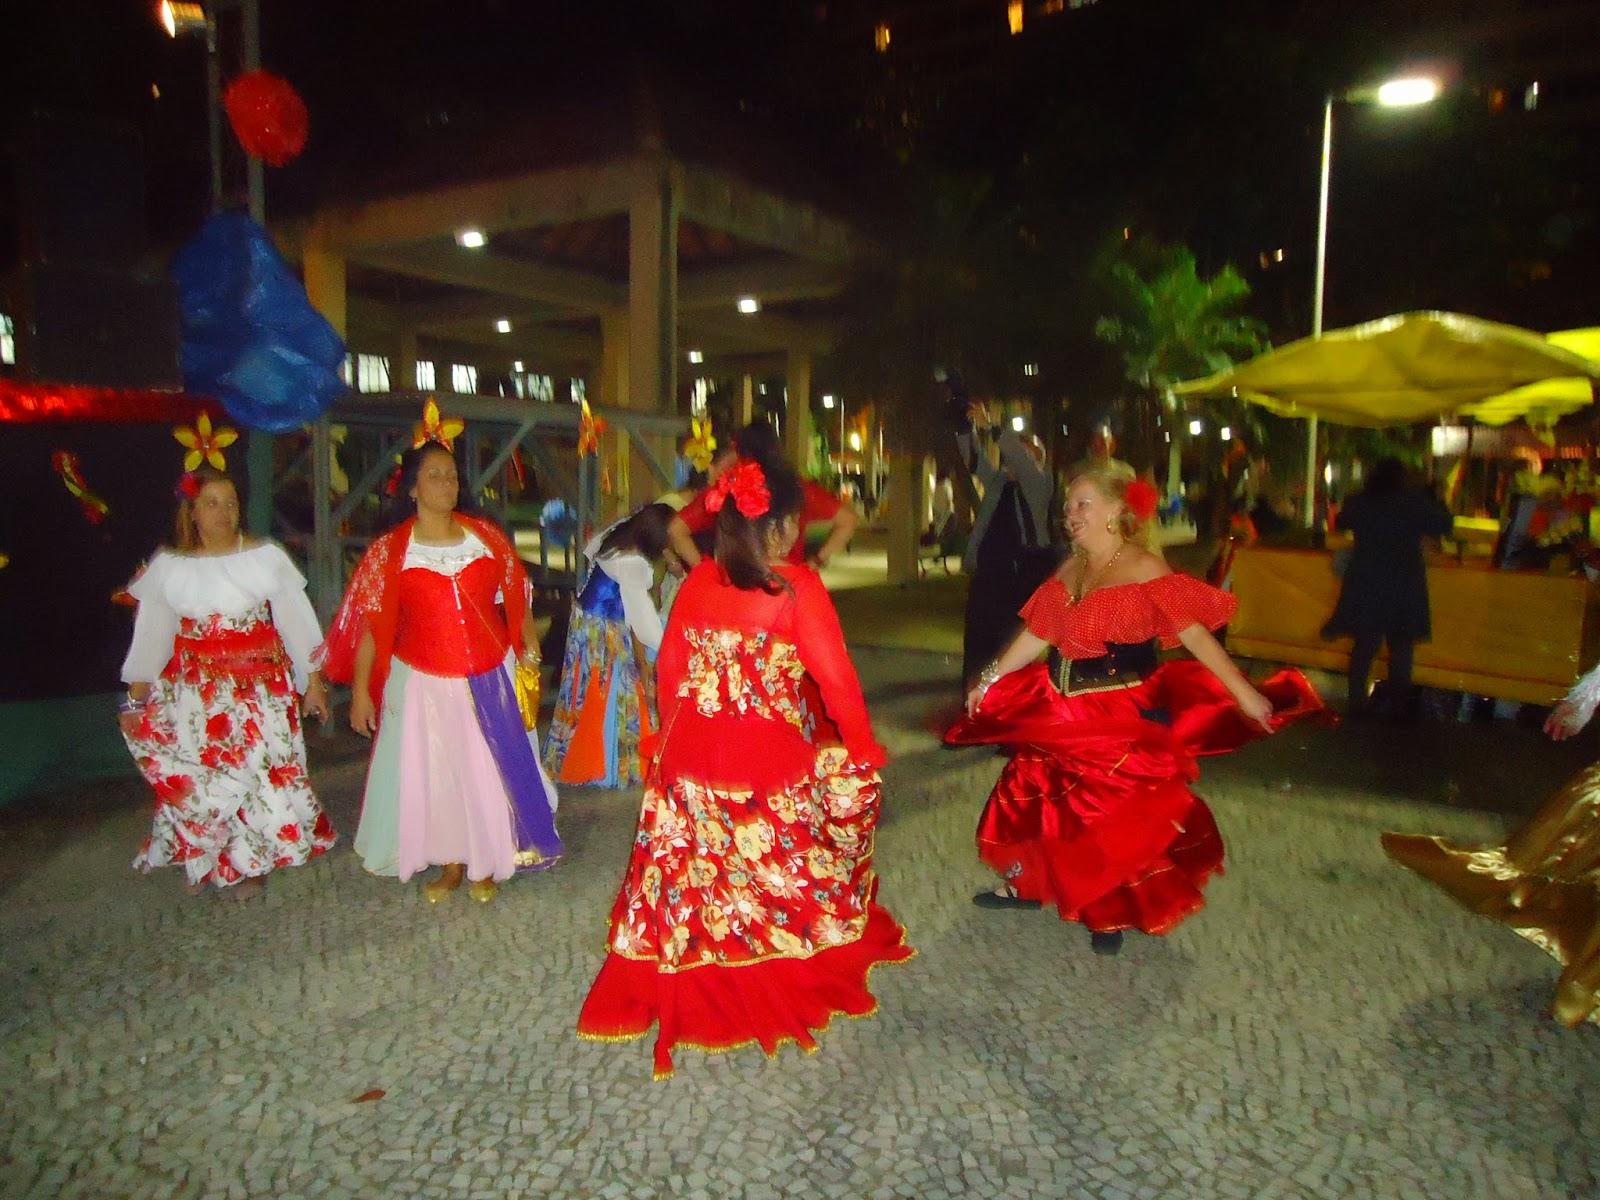 b7d6dba2e Todos os passos da dança cigana têm um fundamento místico. Com os pés e as  mãos a dançarina capta, emana, descarrega e troca energia com o cosmo.